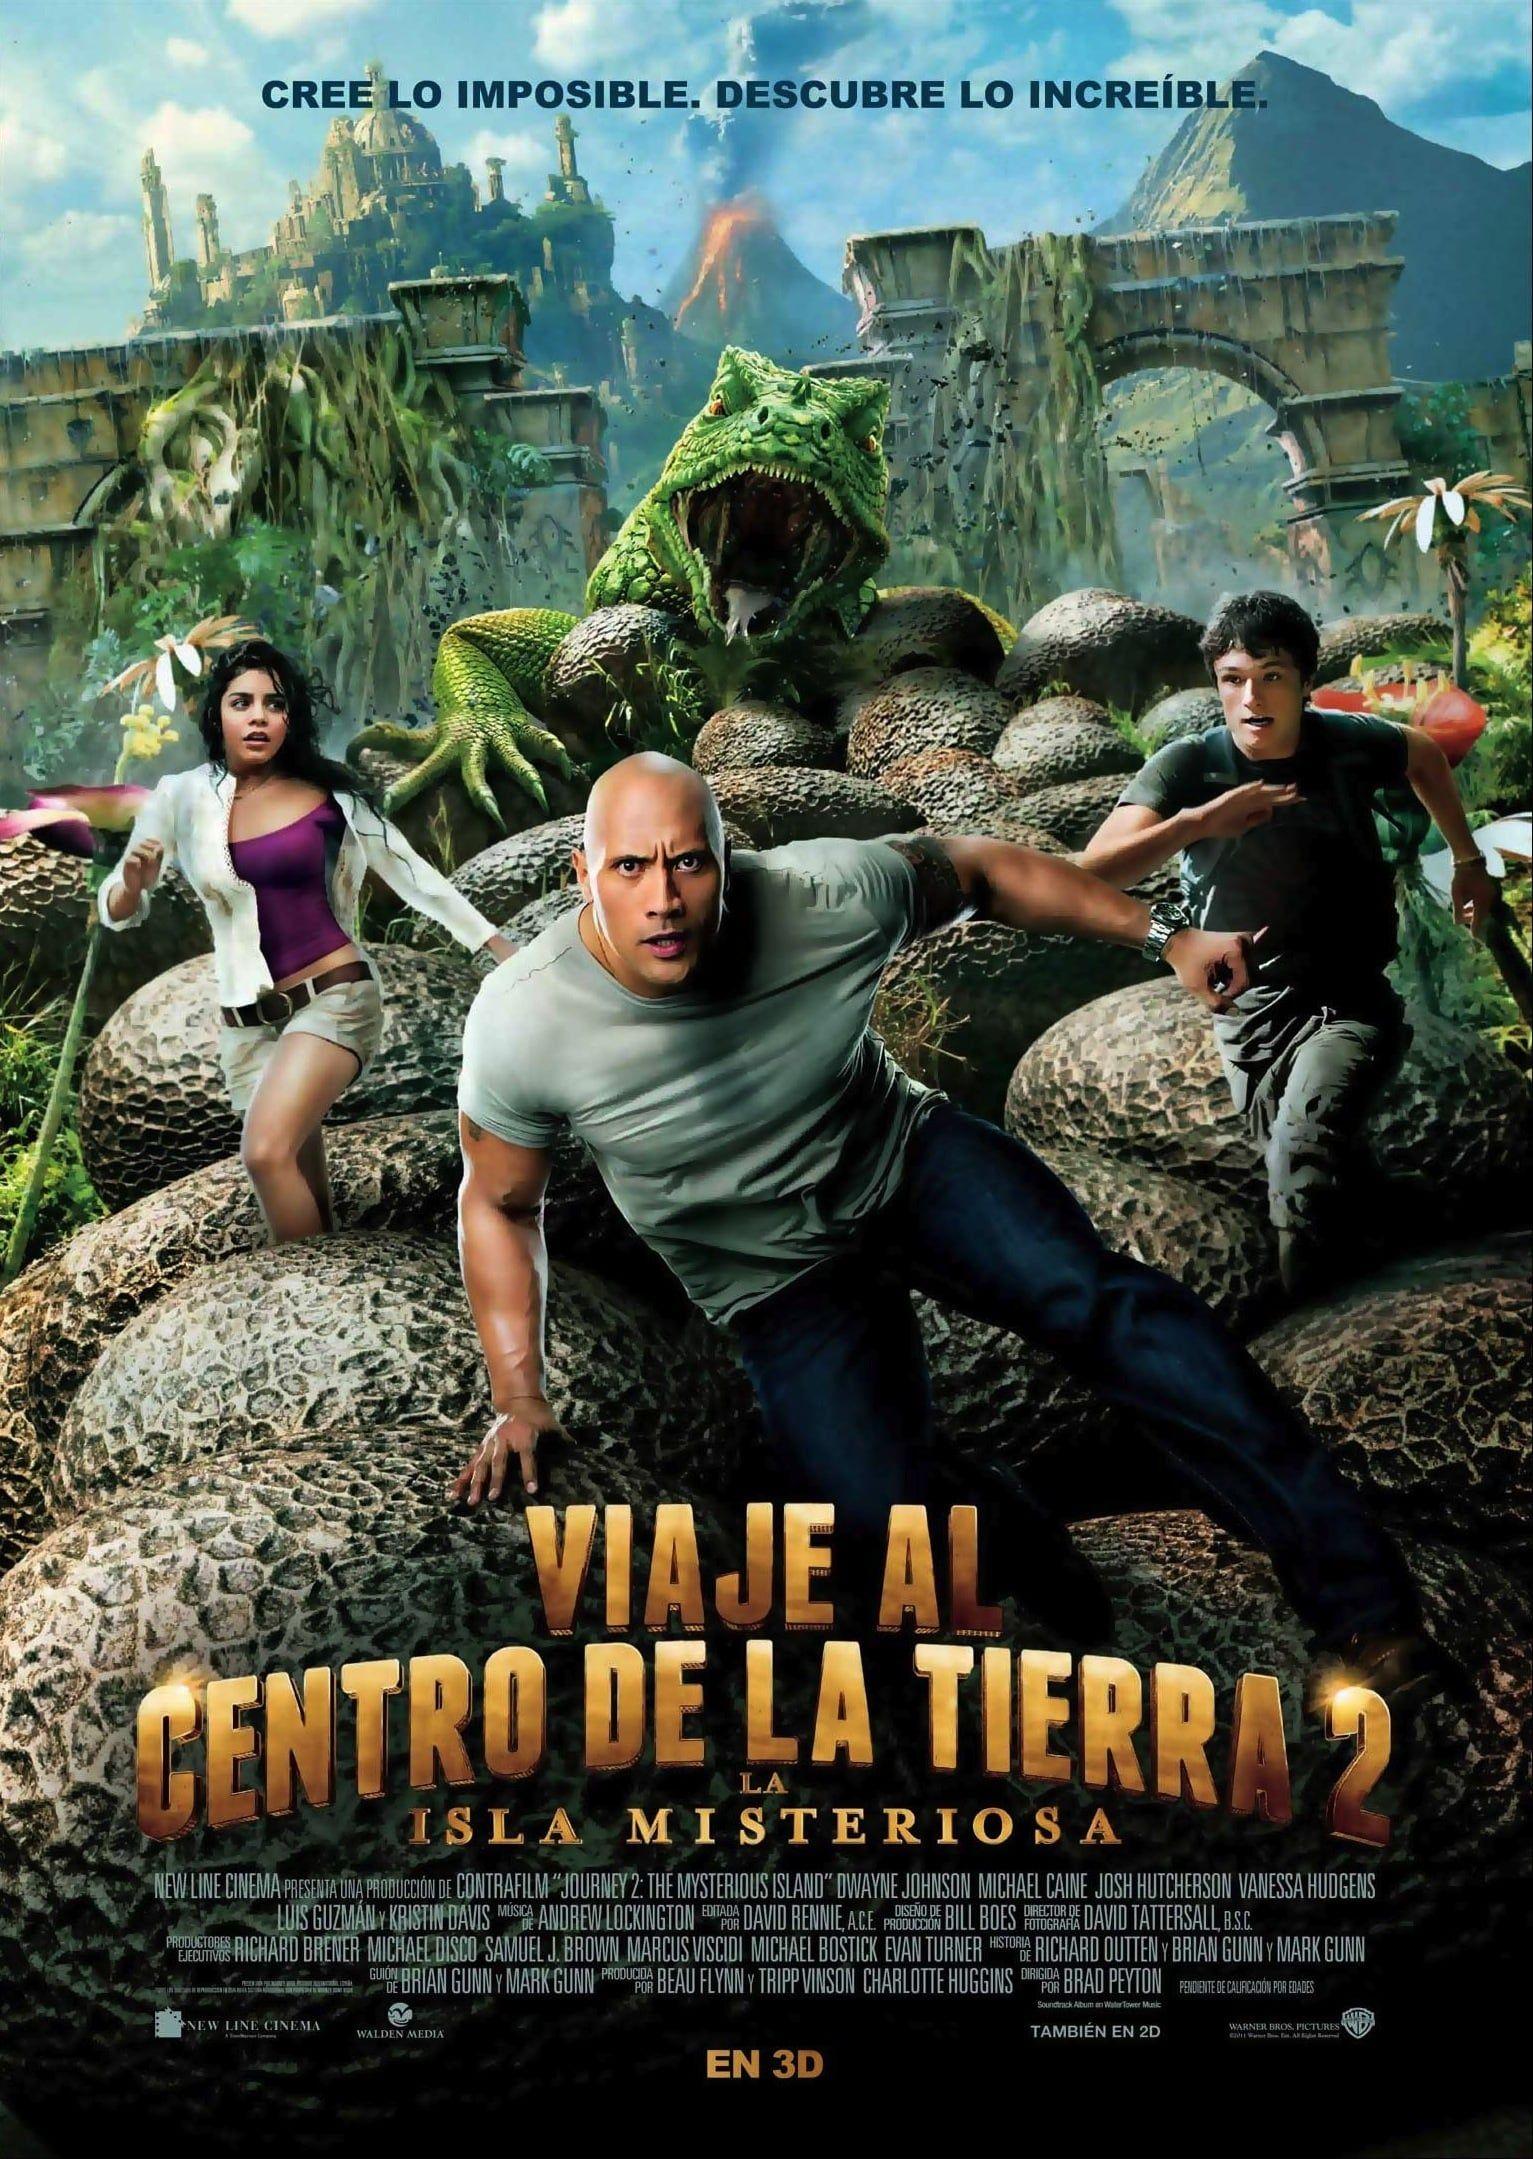 Ver Y Descargar Serie Viaje Al Centro De La Tierra 2 La Isla Misteriosa En Hd Audio Latino C Viaje Al Centro De La Tierra Peliculas Cine Peliculas De Disney